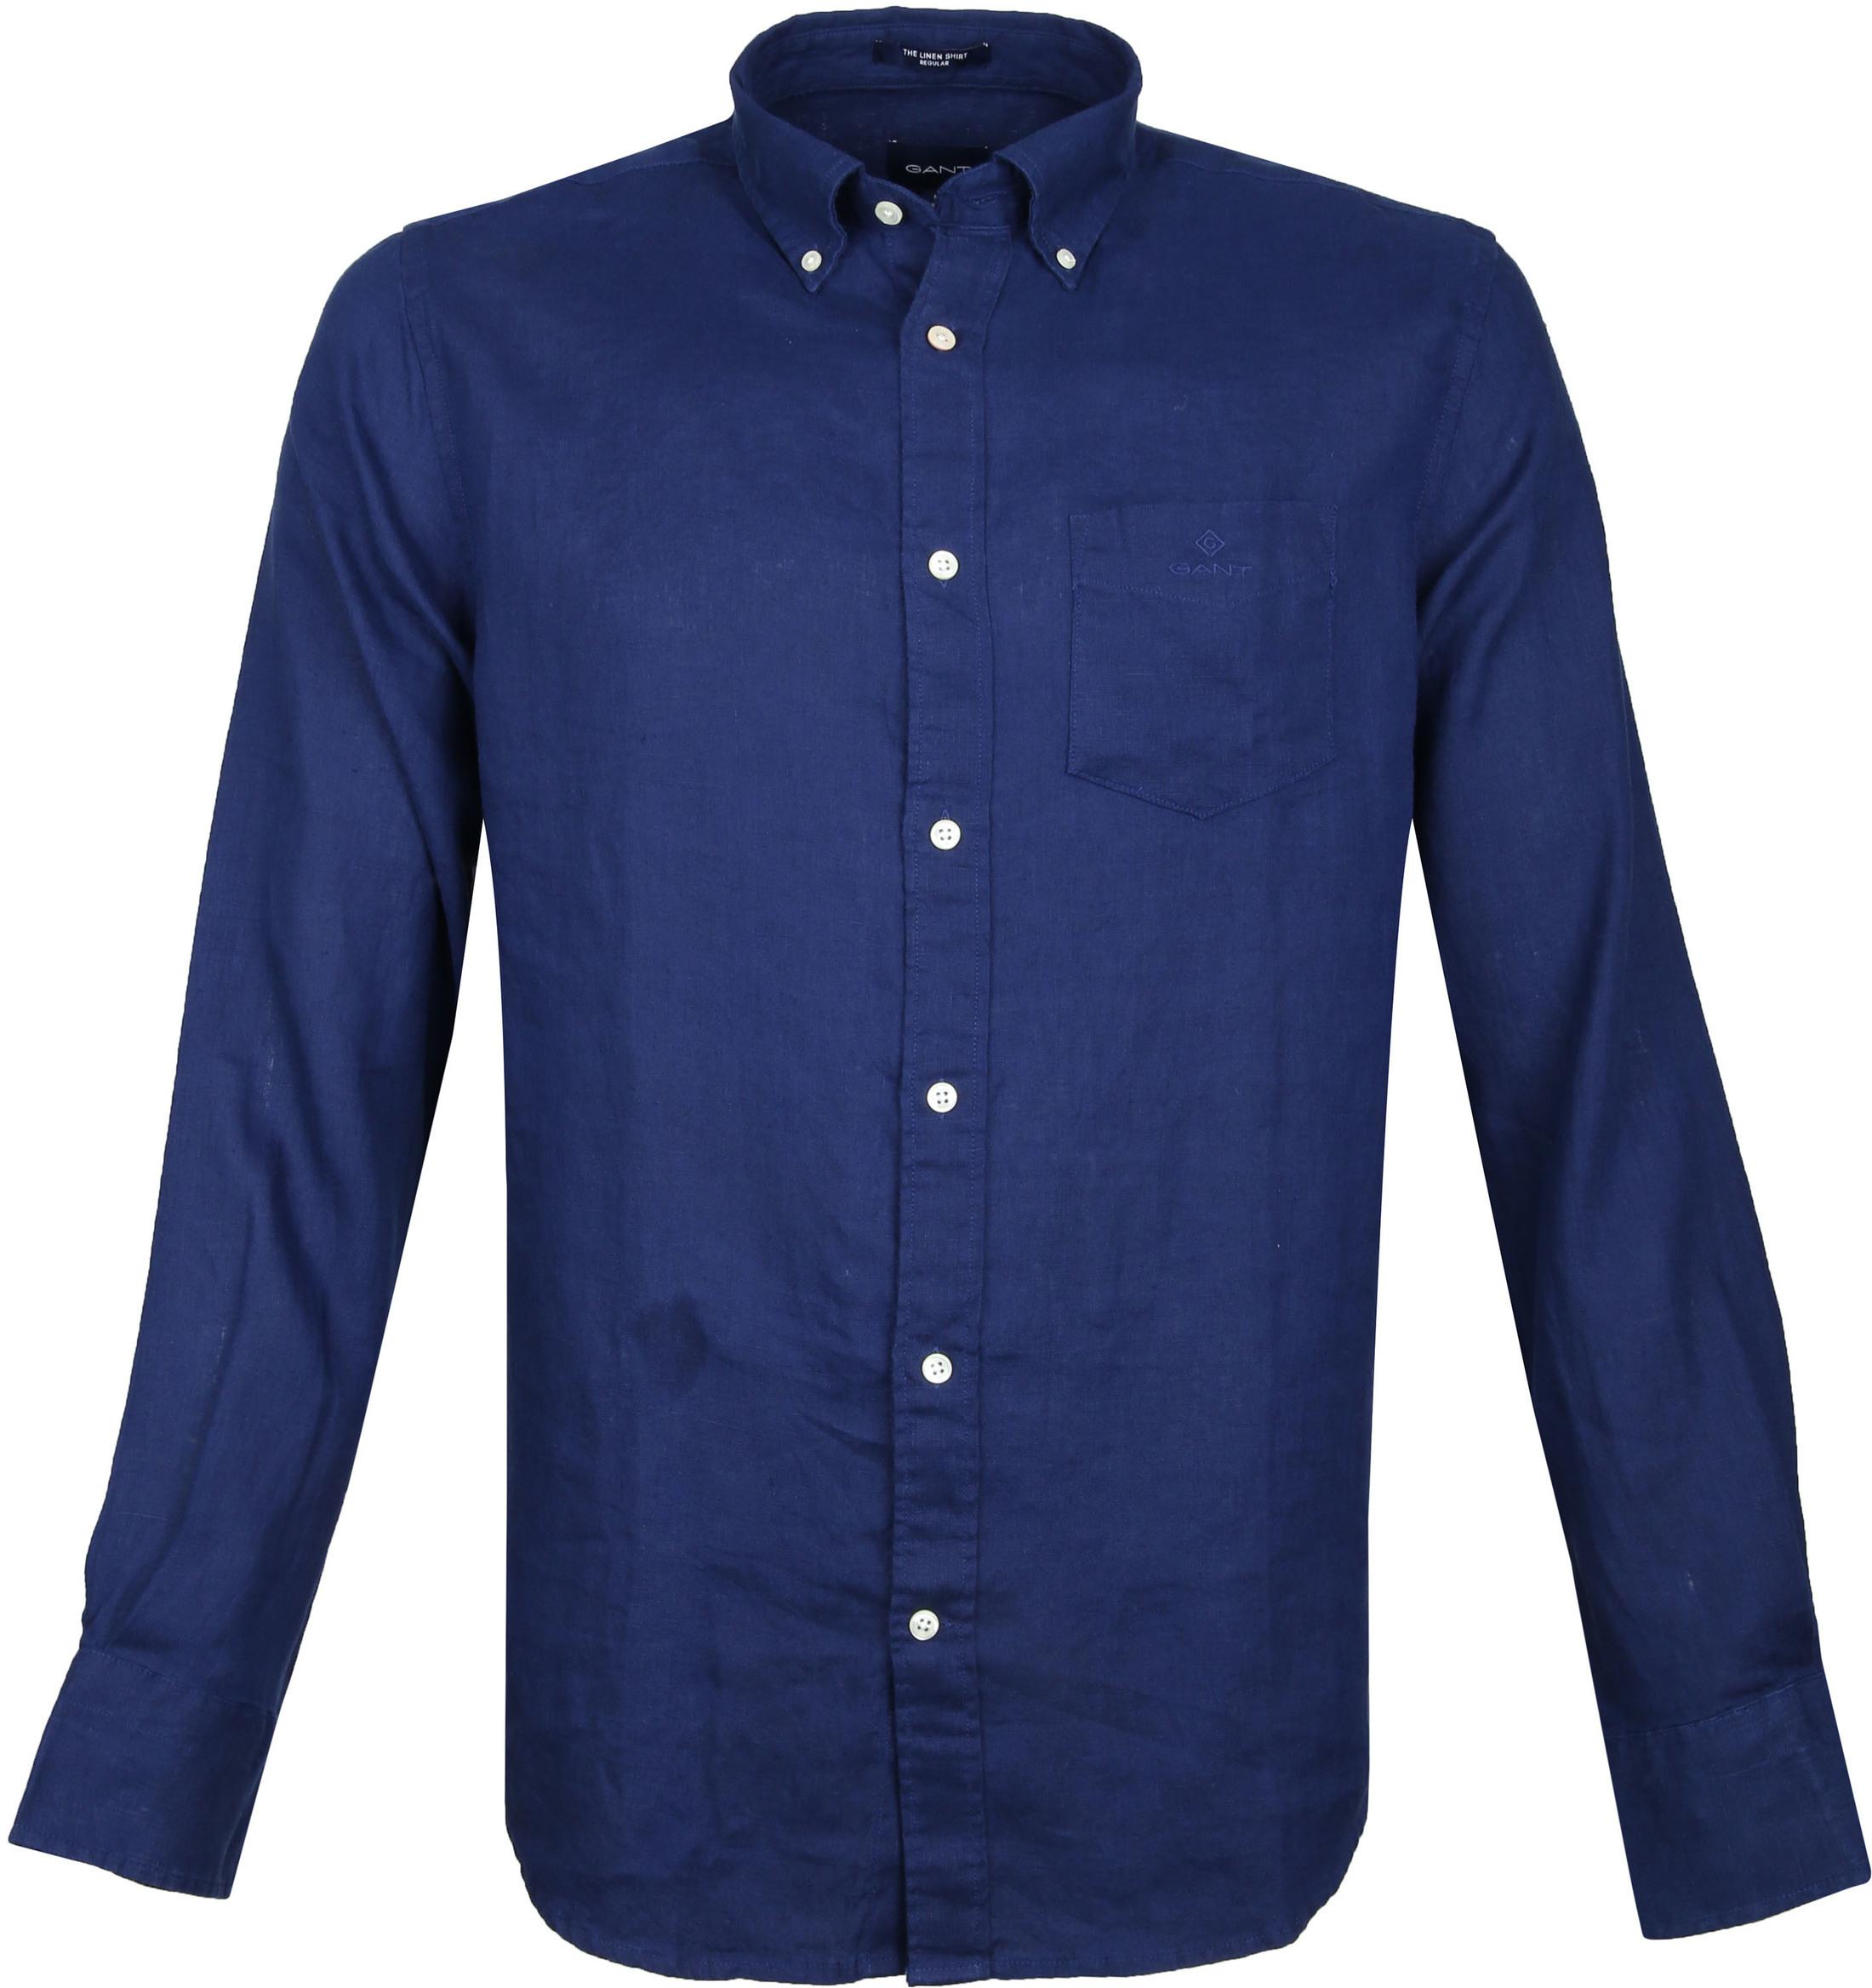 Gant Overhemd Linnen Donkerblauw